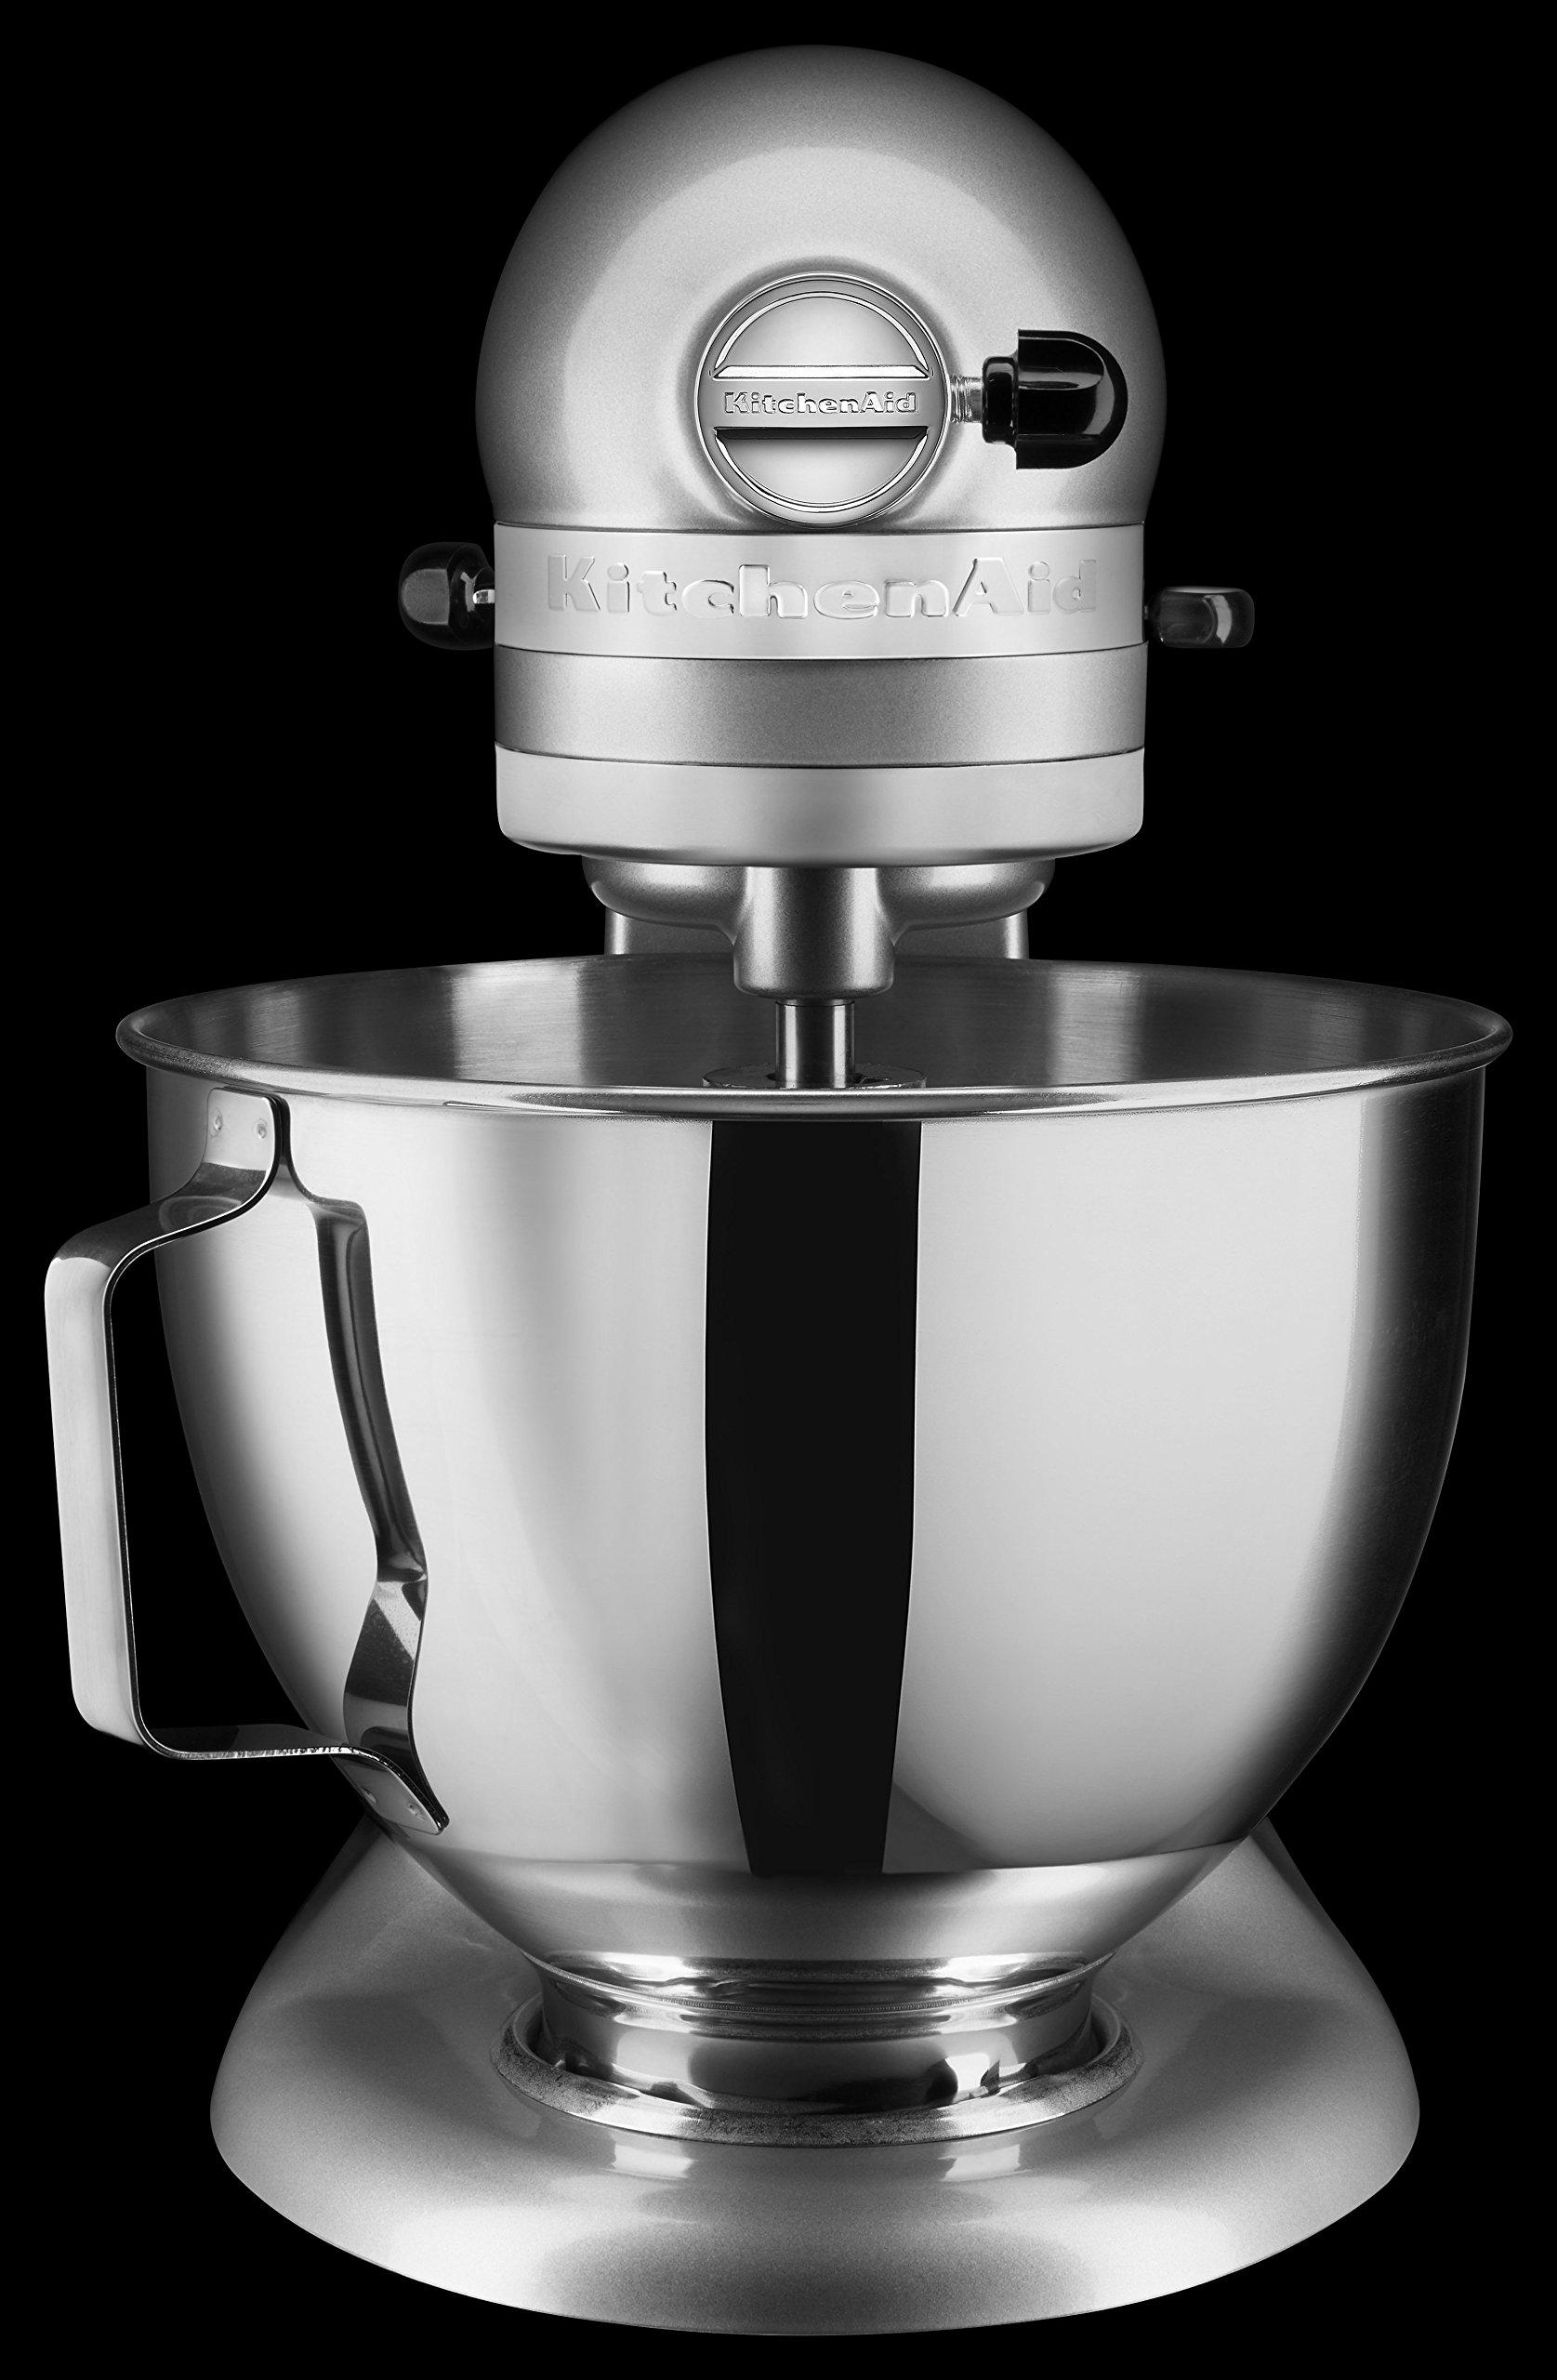 KitchenAid-5KSM95PSECU-Kchenmaschine-43-l-Spritzschutz-300-Watt-Flachrhrer-Teighaken-und-Schneebesen-Silber